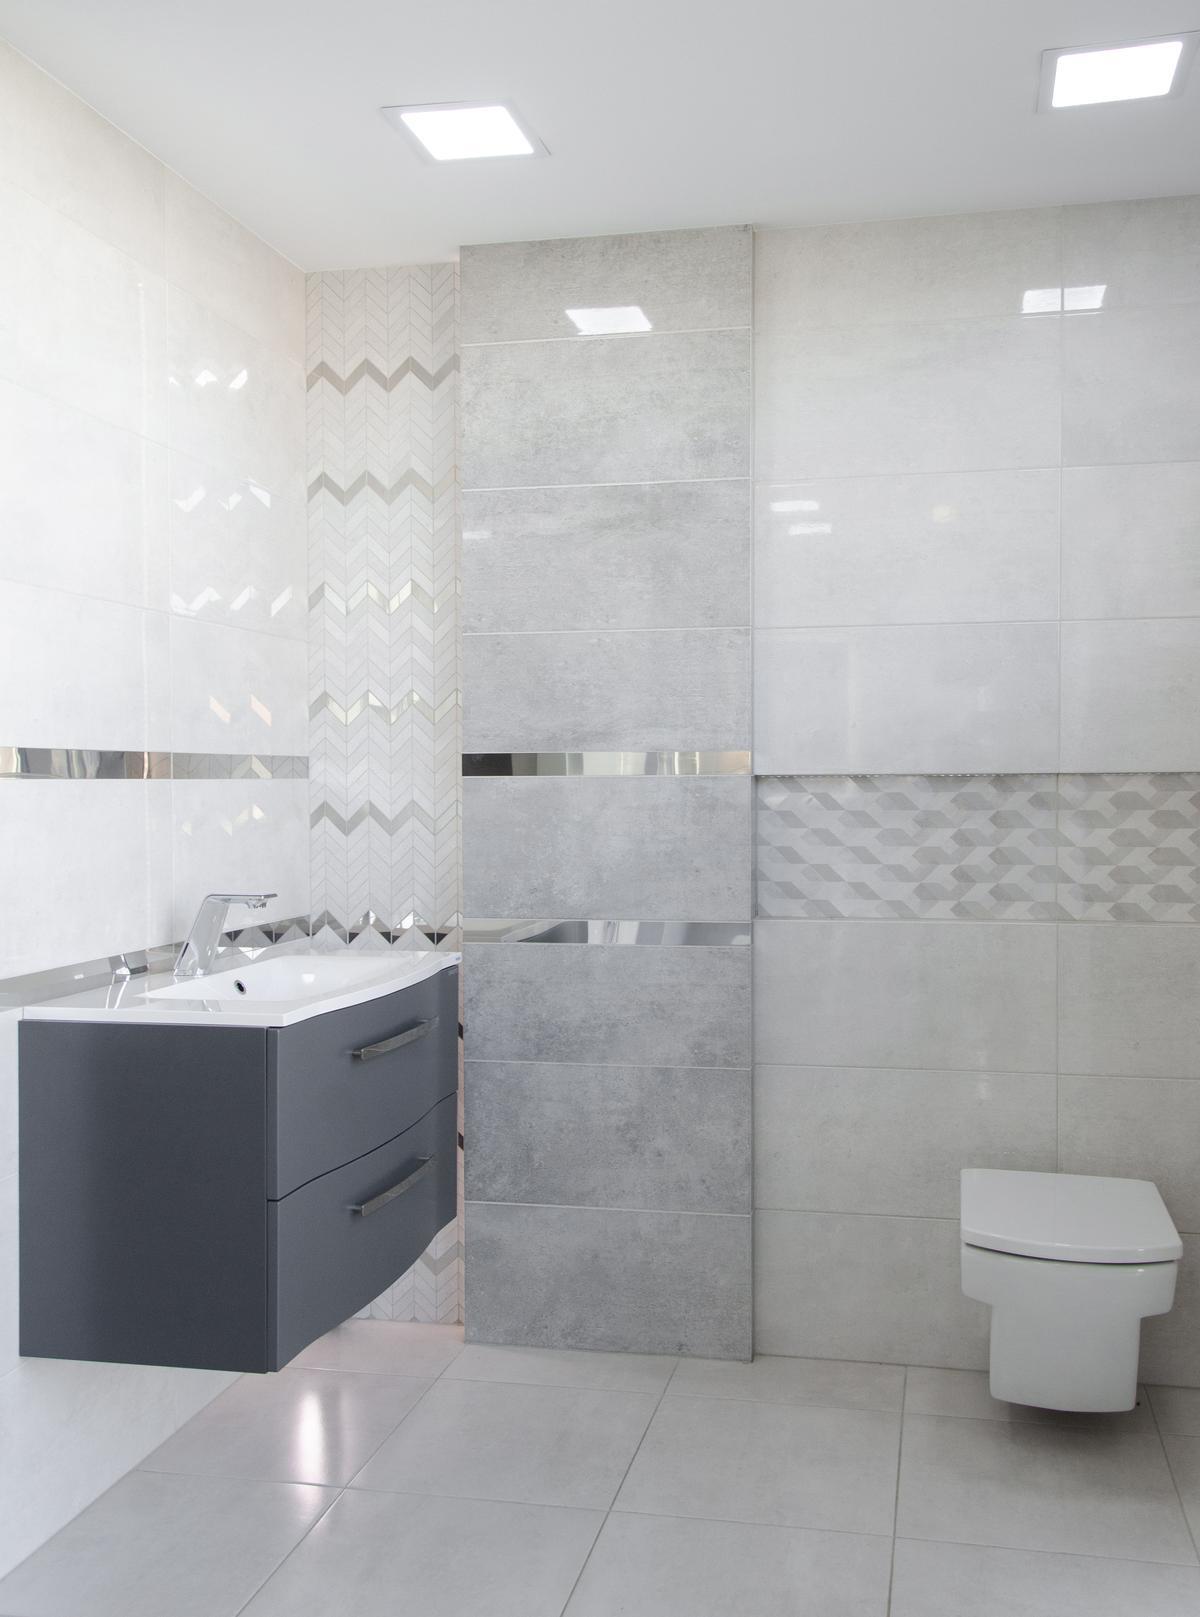 Projekt łazienki z szara płytką o połyskującym wykończeniu - zdjęcie od BLU salon łazienek Pułtusk